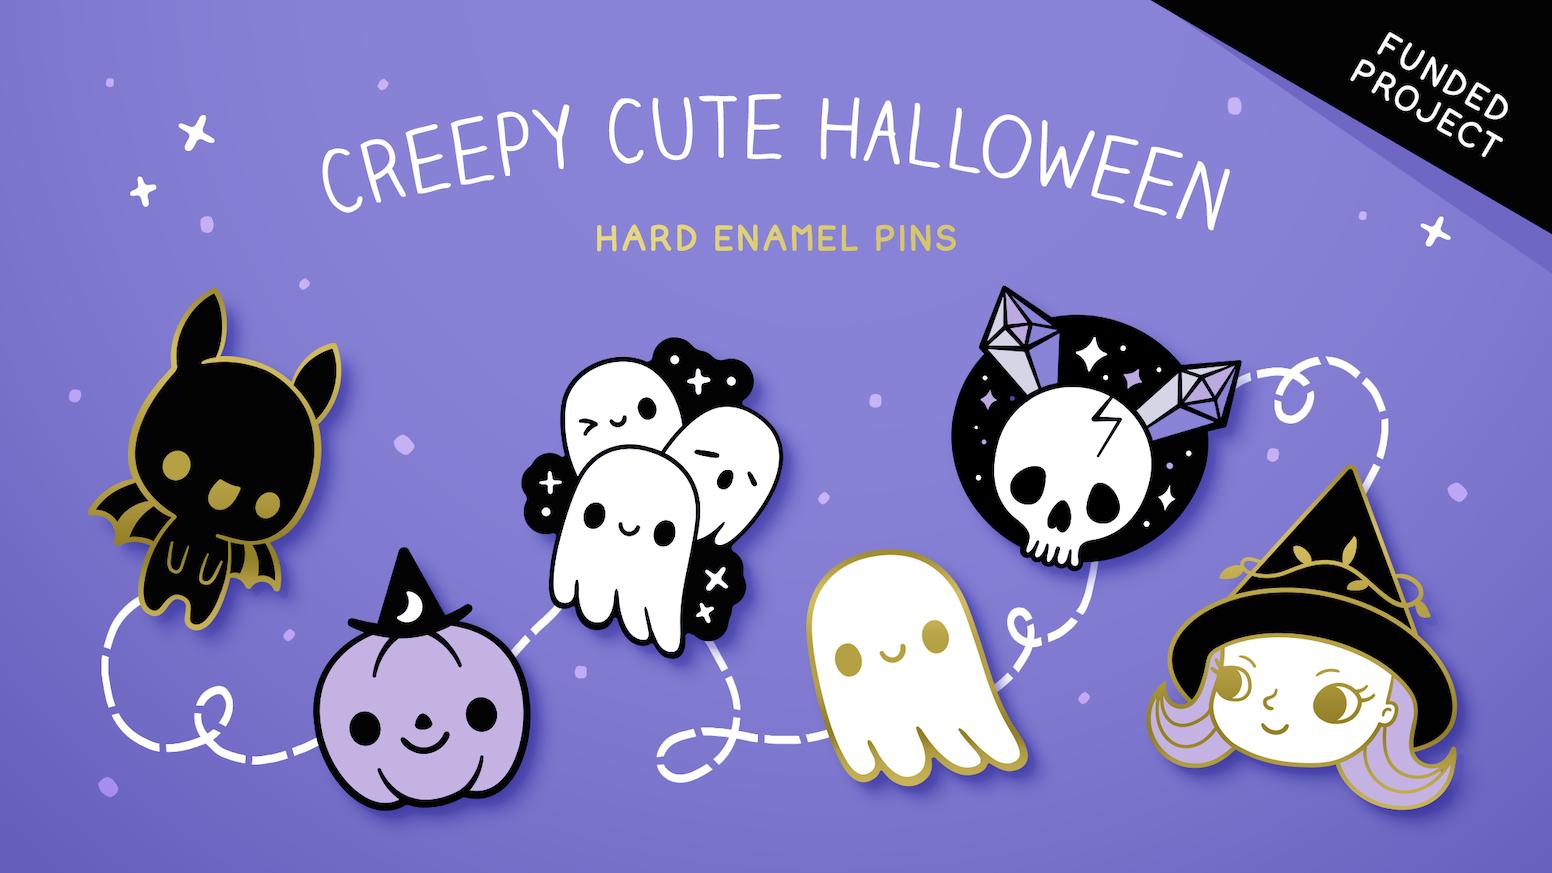 Halloween Stickers Aesthetic.Creepy Cute Halloween Enamel Pins By Xintu By Kate Cooper